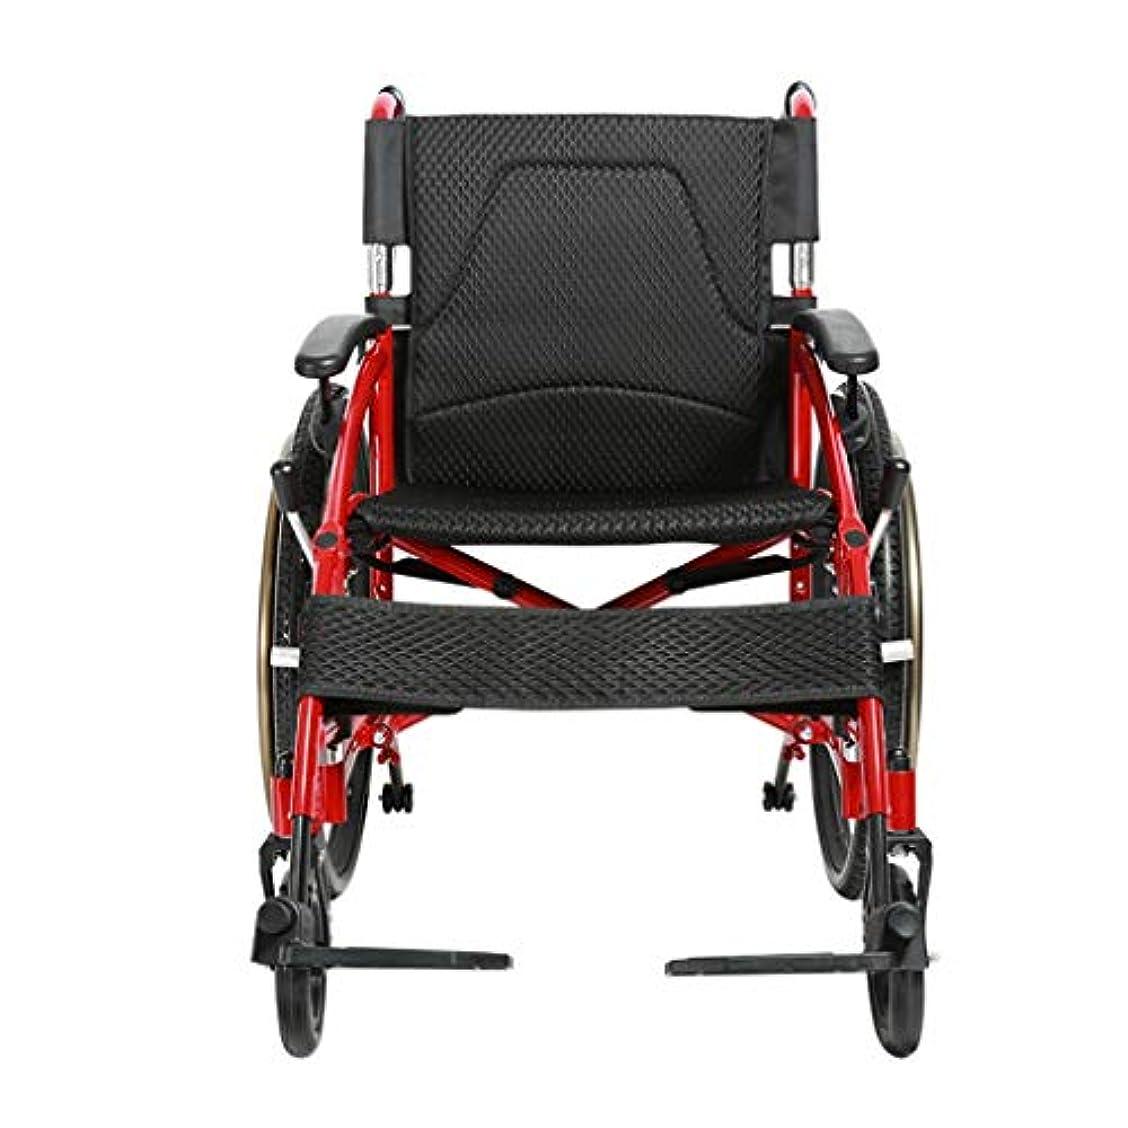 半円校長サーキットに行く車椅子折りたたみ超軽量アルミニウム合金、高齢者向け車椅子、多目的トロリー